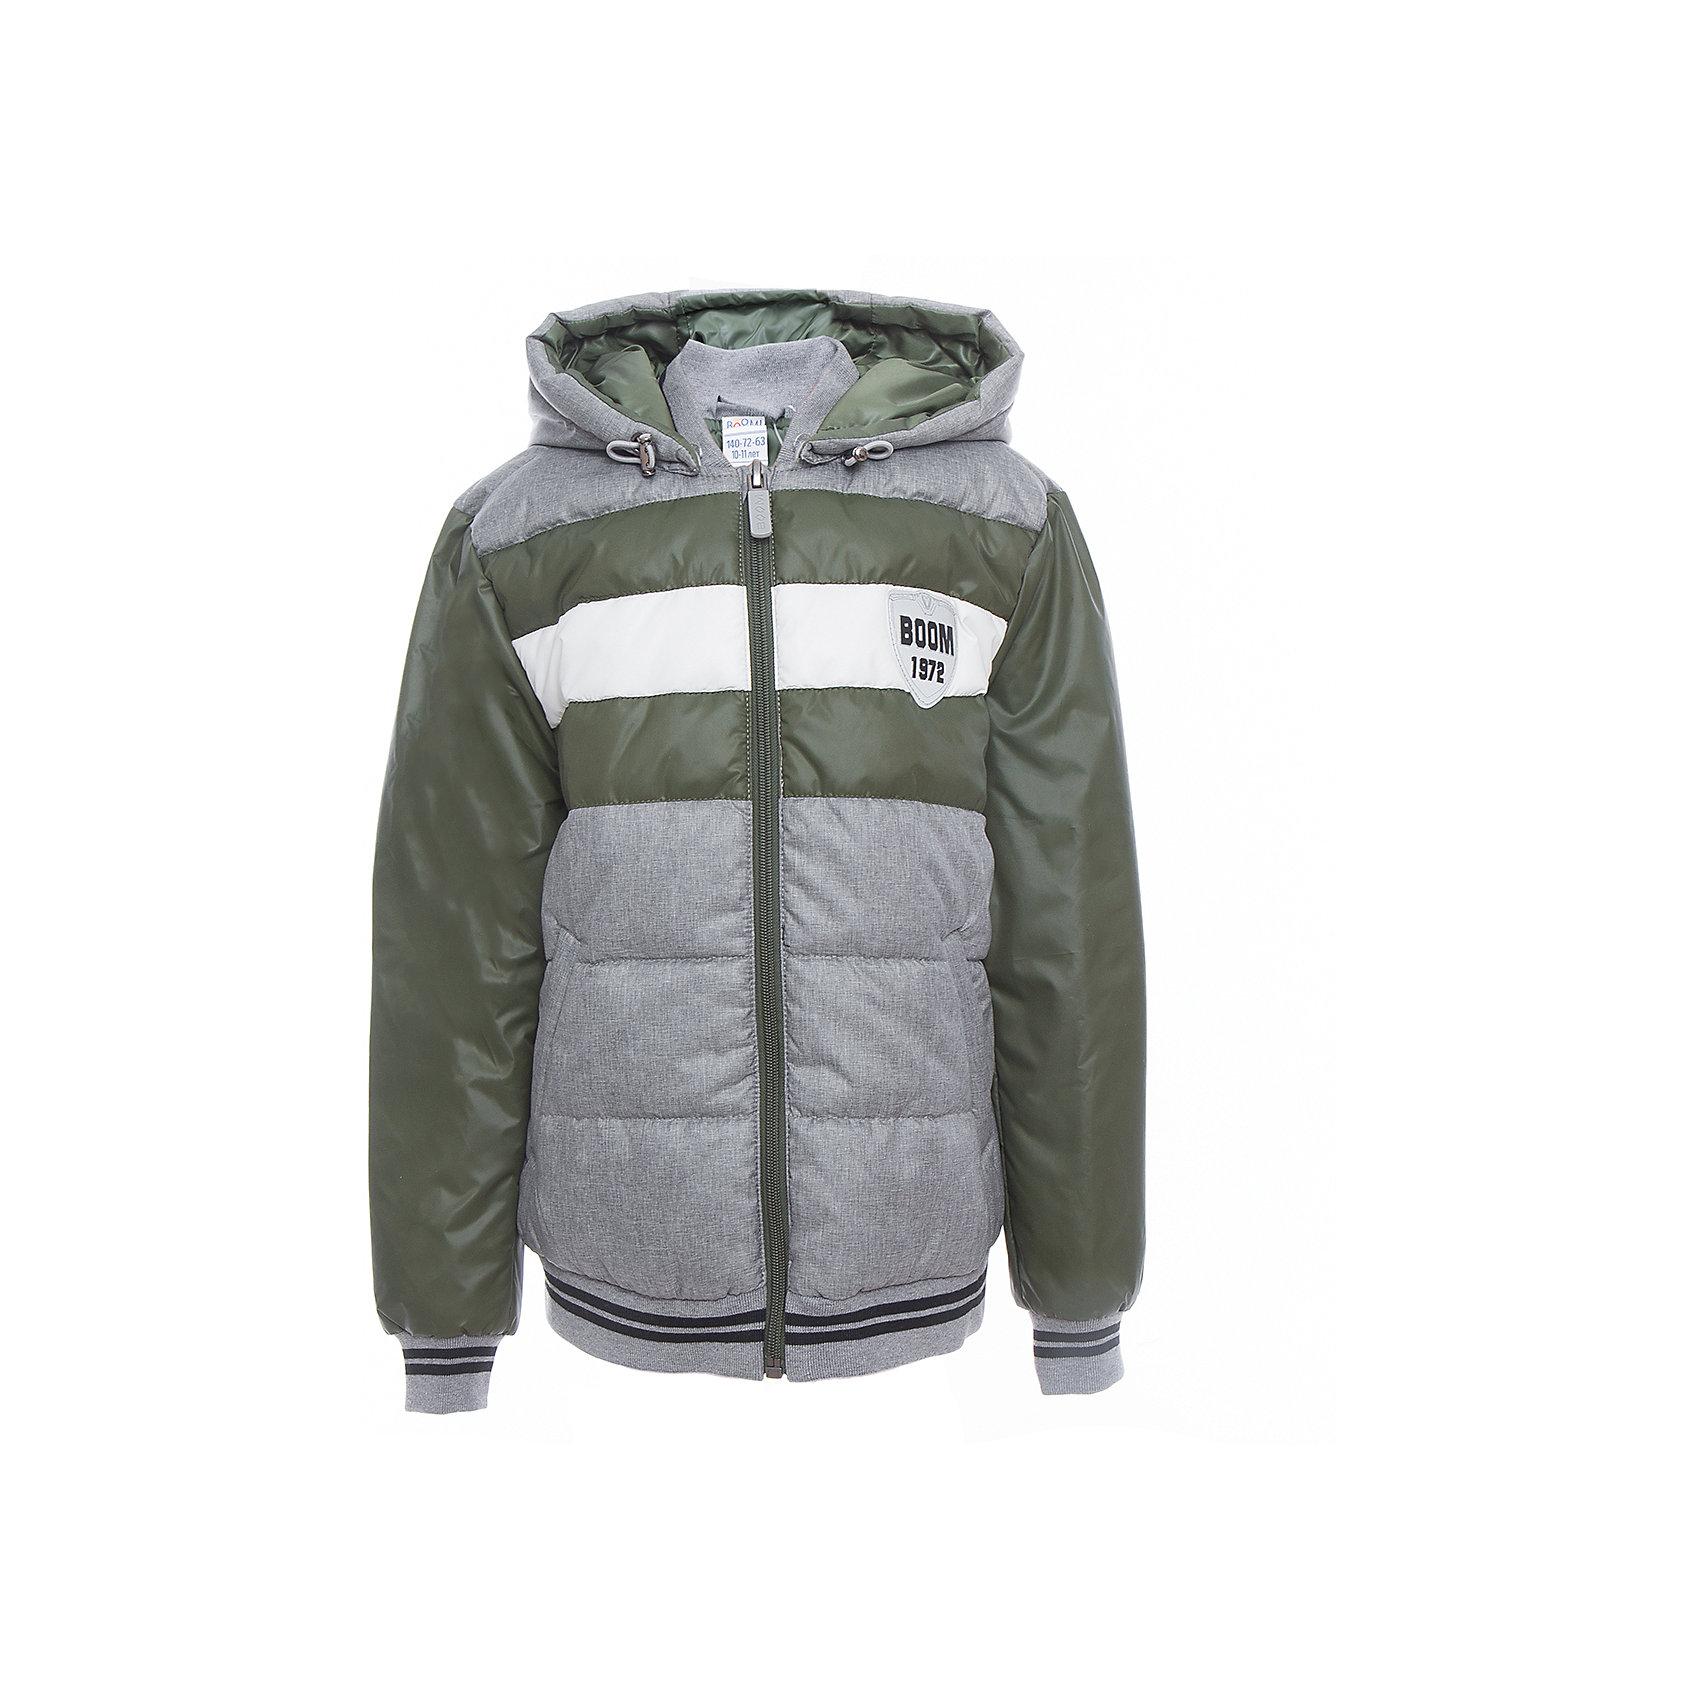 Куртка для мальчика BOOM by OrbyВерхняя одежда<br>Характеристики товара:<br><br>• цвет: серый/зелёный<br>• состав: верх - таффета, болонь, подкладка - поликоттон, полиэстер, утеплитель: Flexy Fiber 150 г/м2<br>• температурный режим: от -5 С° до +10 С° <br>• капюшон<br>• застежка - молния<br>• эластичные манжеты<br>• стеганая<br>• декорирована нашивками<br>• комфортная посадка<br>• страна производства: Российская Федерация<br>• страна бренда: Российская Федерация<br>• коллекция: весна-лето 2017<br><br>Куртка-бомбер - универсальный вариант для межсезонья с постоянно меняющейся погодой. Эта модель - модная и удобная одновременно! Изделие отличается стильным ярким дизайном. Куртка хорошо сидит по фигуре, отлично сочетается с различным низом. Вещь была разработана специально для детей.<br><br>Одежда от российского бренда BOOM by Orby уже завоевала популярностью у многих детей и их родителей. Вещи, выпускаемые компанией, качественные, продуманные и очень удобные. Для производства коллекций используются только безопасные для детей материалы. Спешите приобрести модели из новой коллекции Весна-лето 2017! <br><br>Куртку для мальчика от бренда BOOM by Orby можно купить в нашем интернет-магазине.<br><br>Ширина мм: 356<br>Глубина мм: 10<br>Высота мм: 245<br>Вес г: 519<br>Цвет: серый<br>Возраст от месяцев: 108<br>Возраст до месяцев: 120<br>Пол: Мужской<br>Возраст: Детский<br>Размер: 140,170,104,86,92,98,110,116,122,128,134,146,152,158,164<br>SKU: 5343406